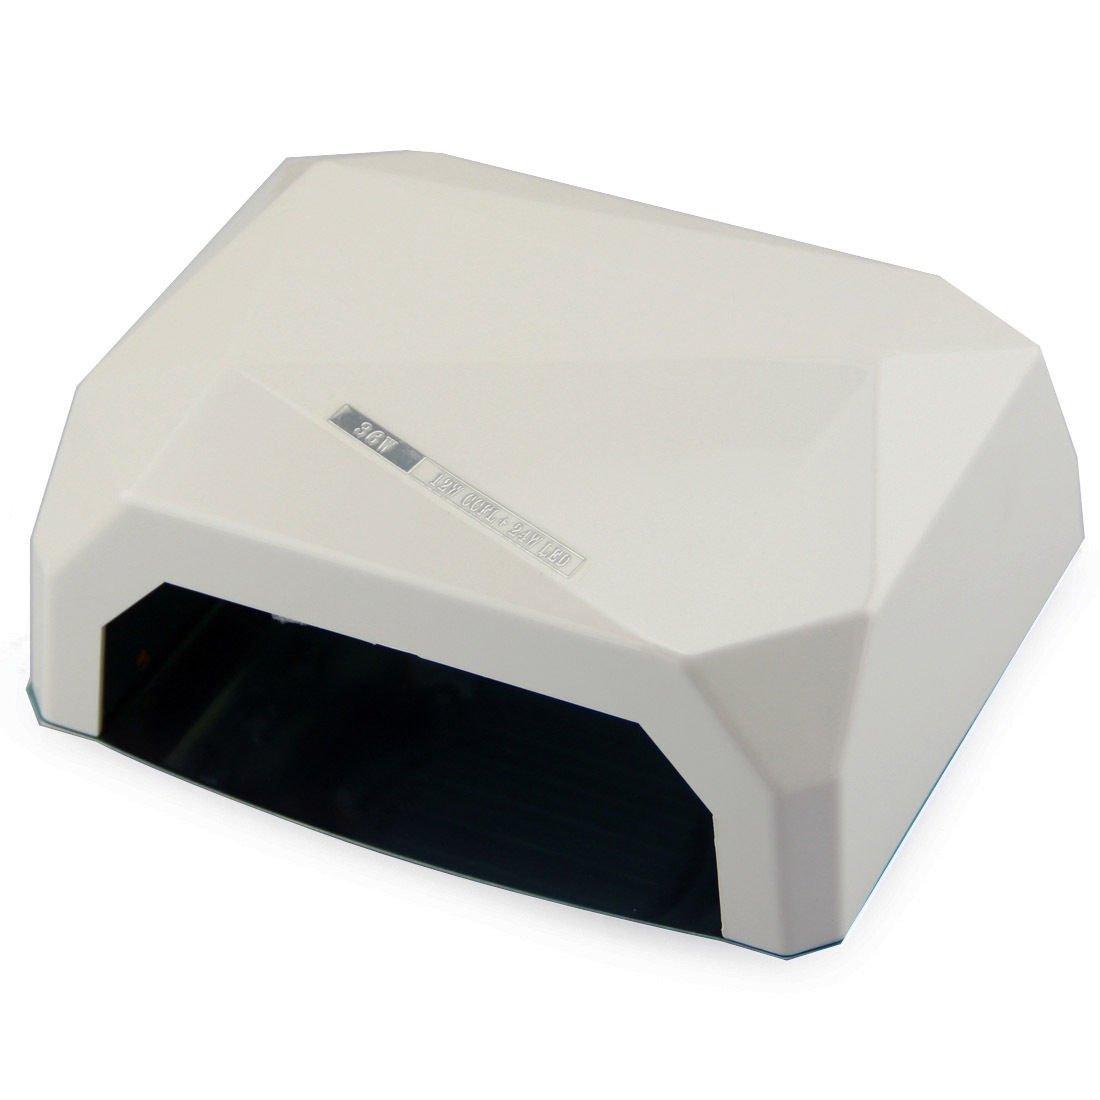 Pentop 36w Professional Diamond Shaped CCFL & LED UV Nail Lamp (UV & LED 2 in 1 Nail Gel Lamp), Curing Nail Dryer For LED UV Gel Nail Polish Nail Tools